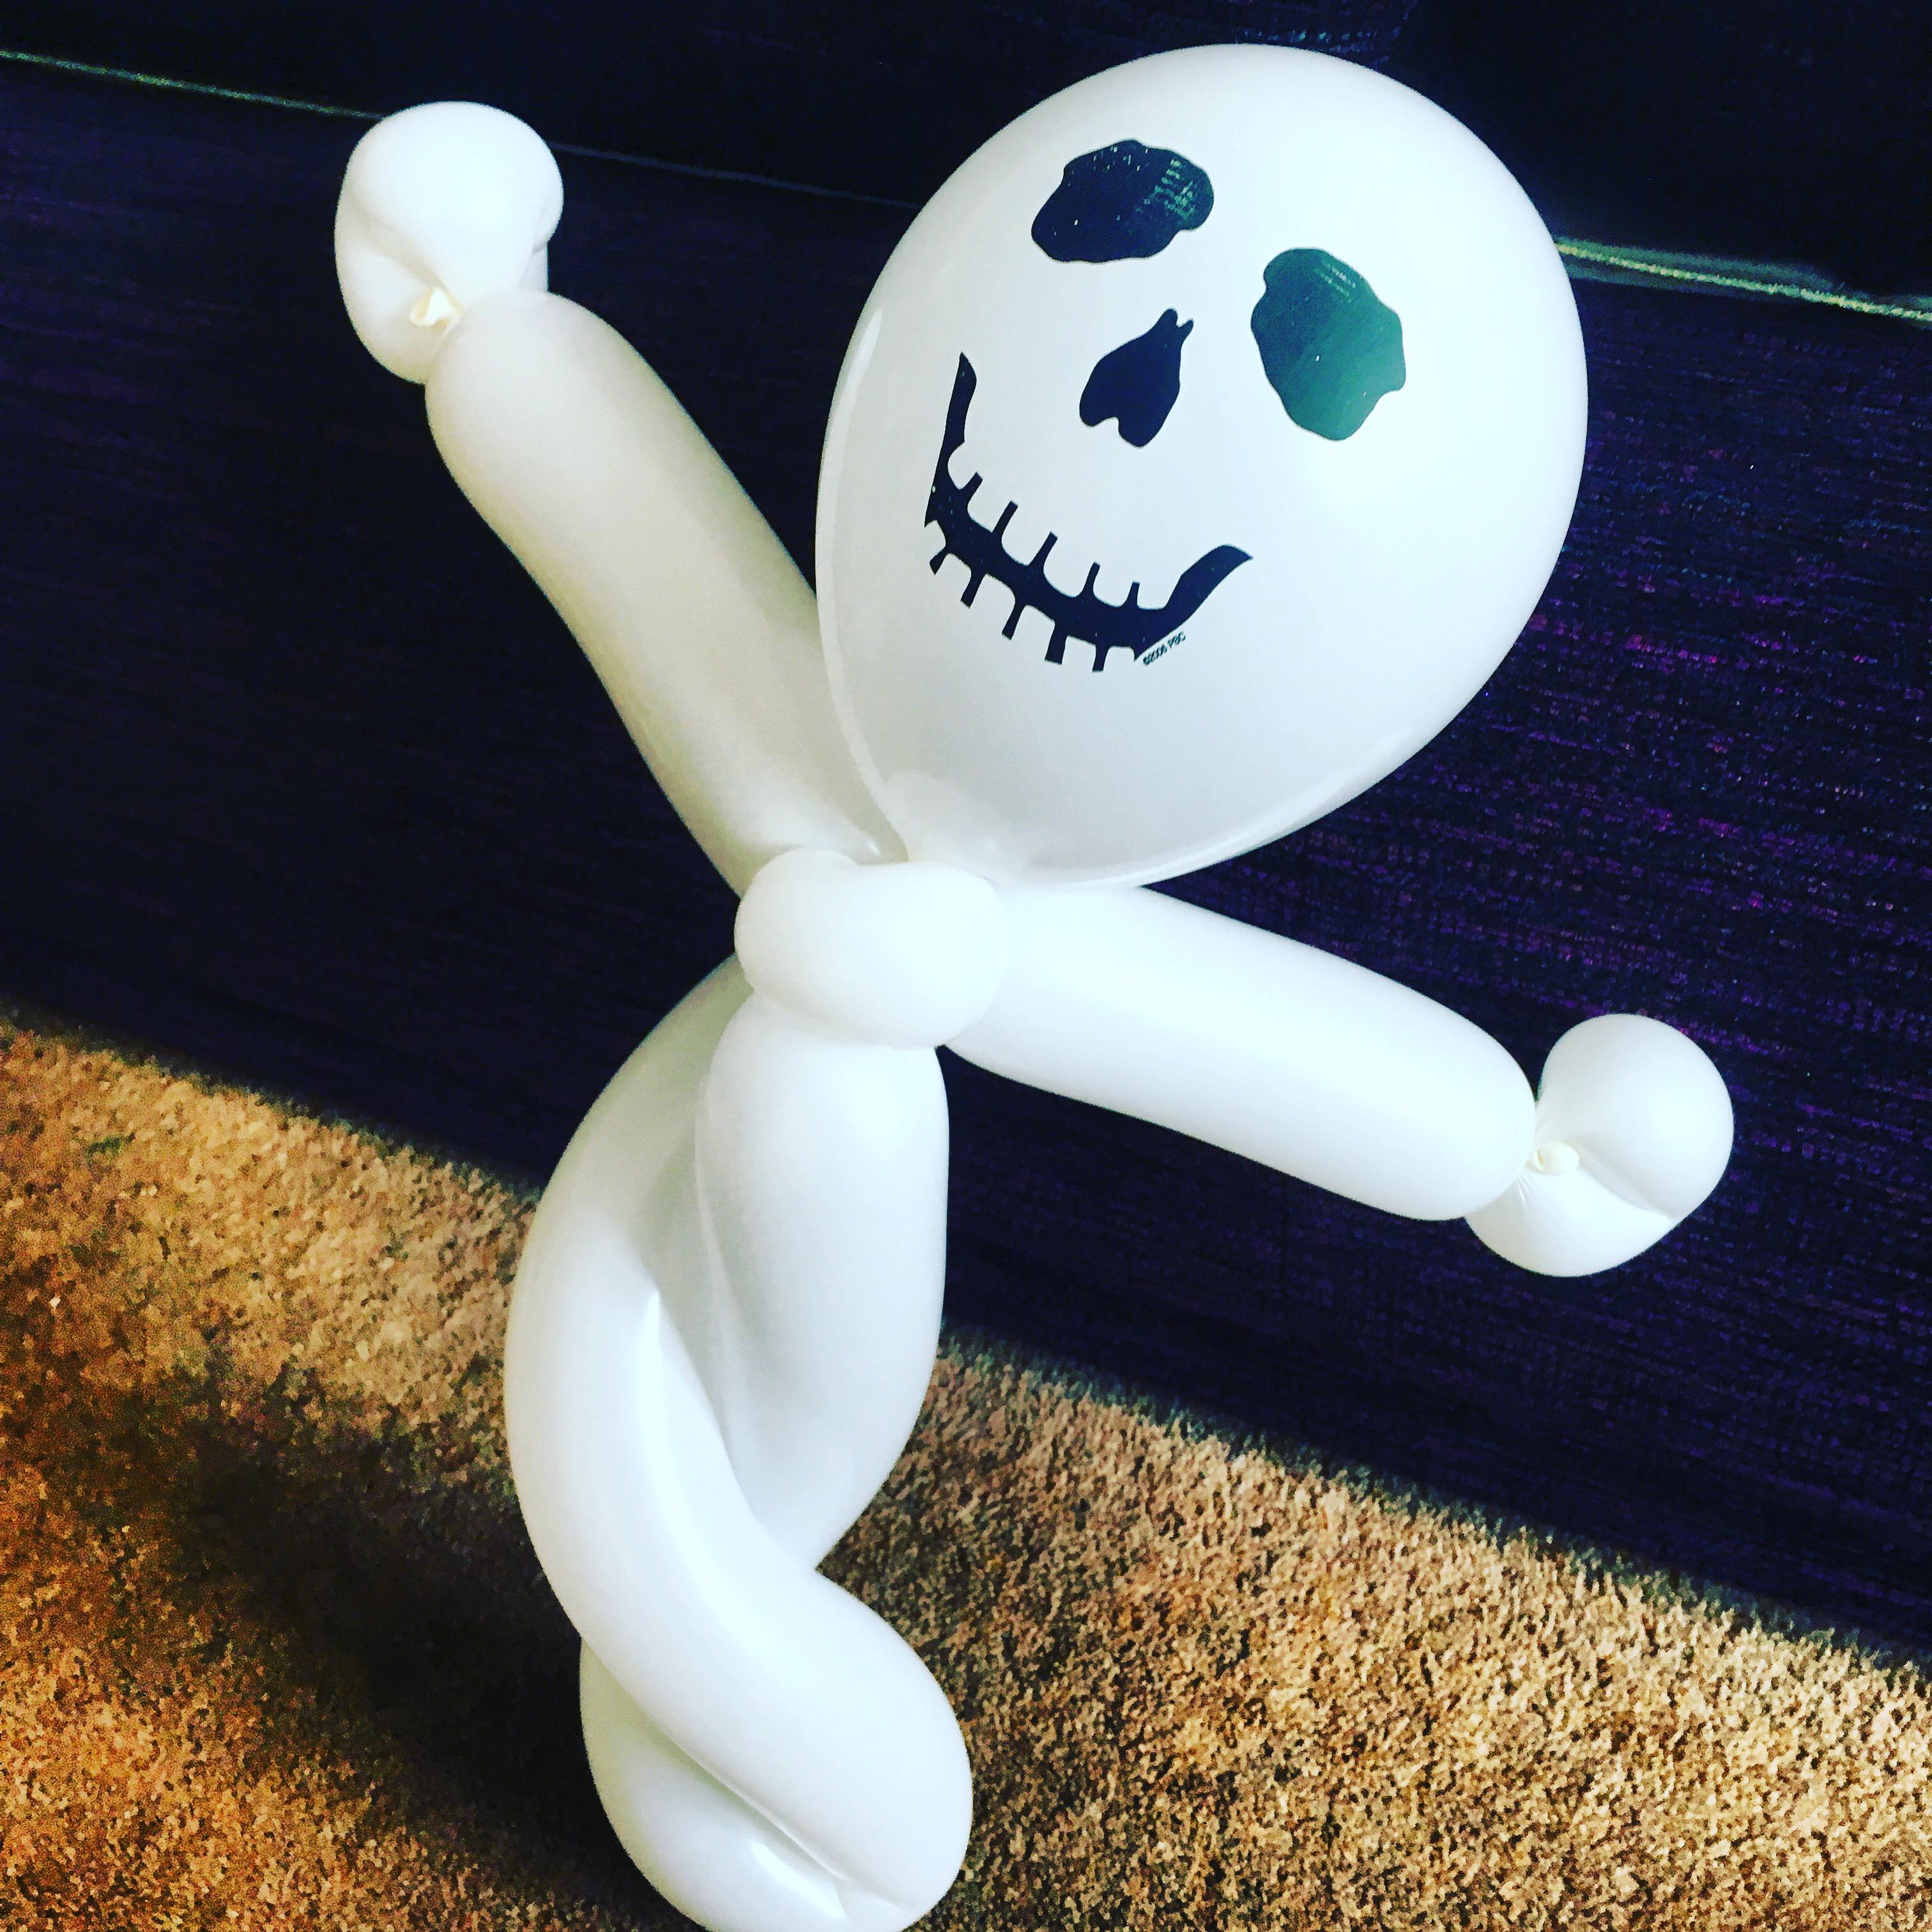 Spooky ghost balloon model